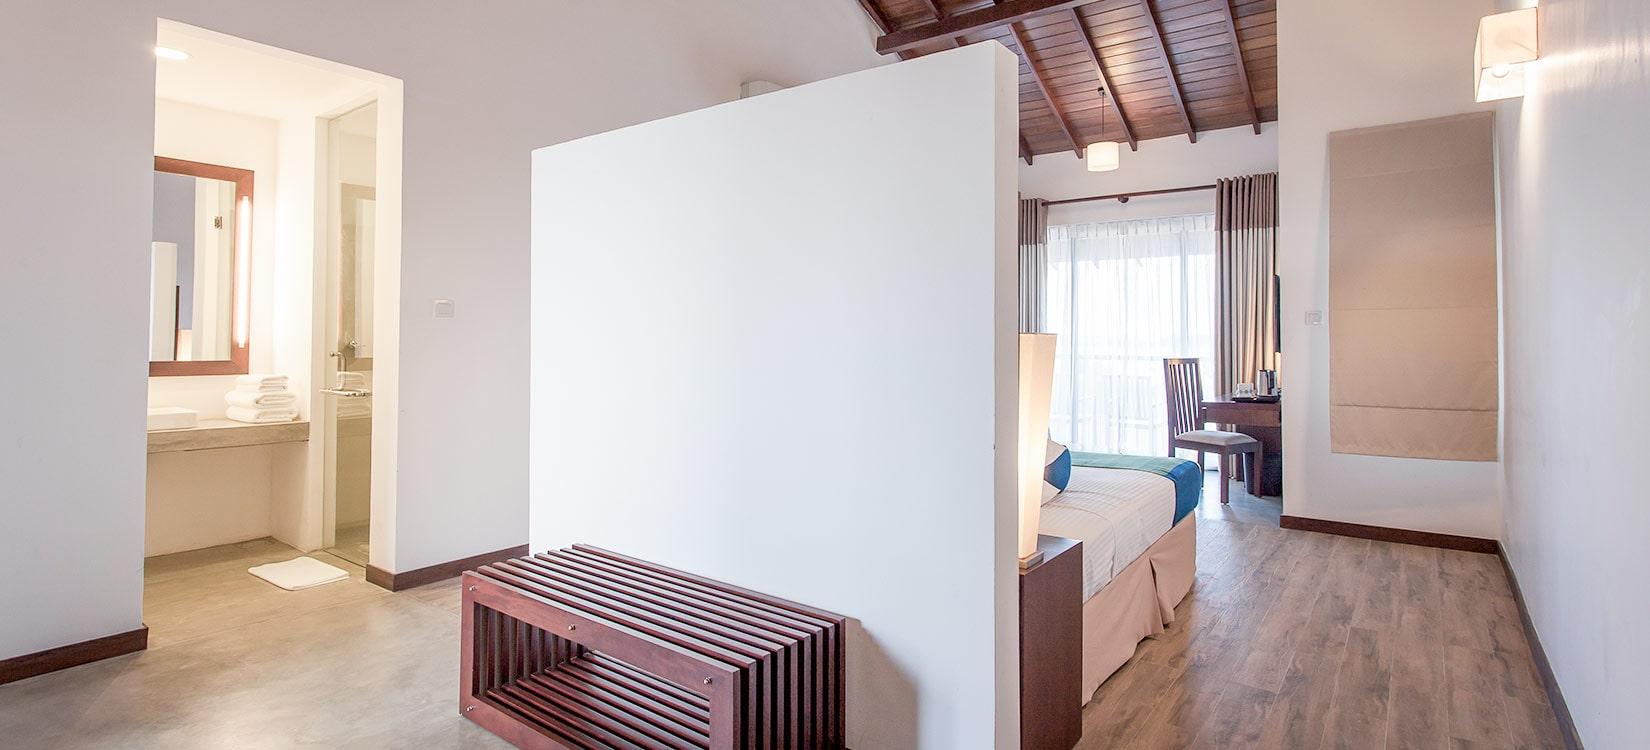 Calm Resort deluxe room